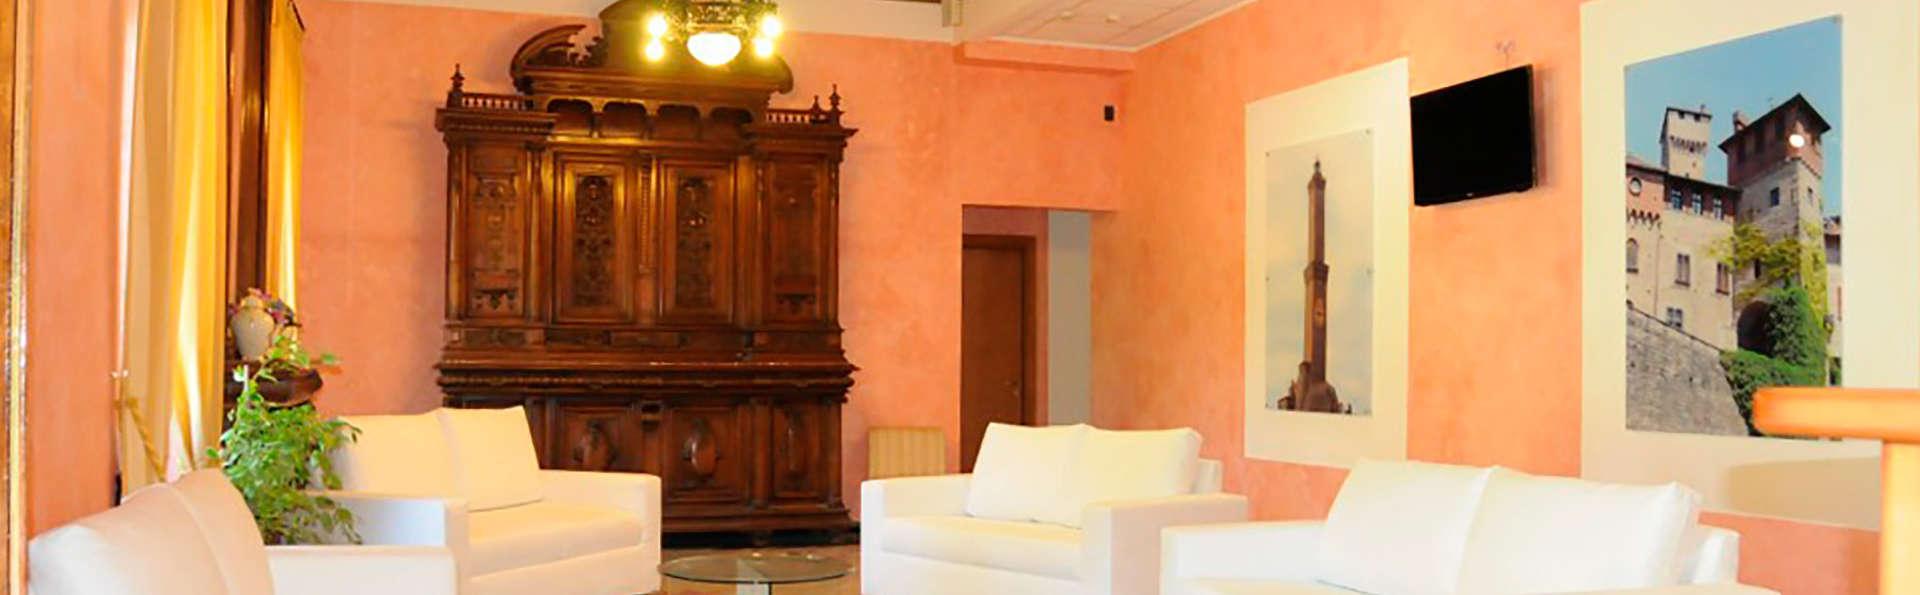 Albergo Ristorante Villa Ester - EDIT_lobby.jpg